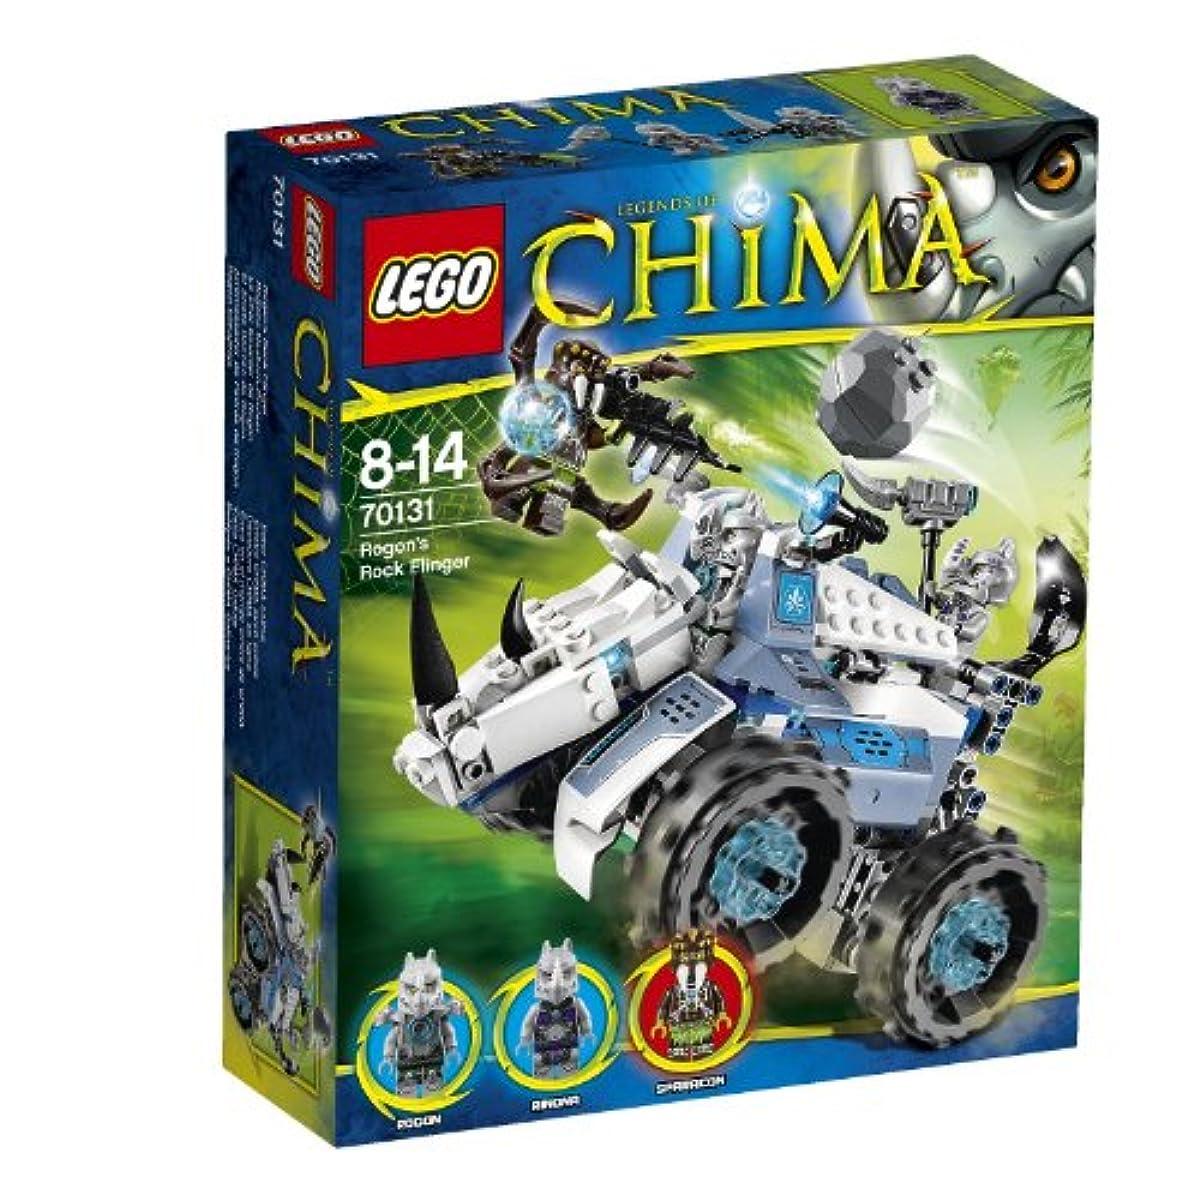 [해외] 레고 (LEGO) 찌마 로고의 그린프리가 70131 (2014-03-07)